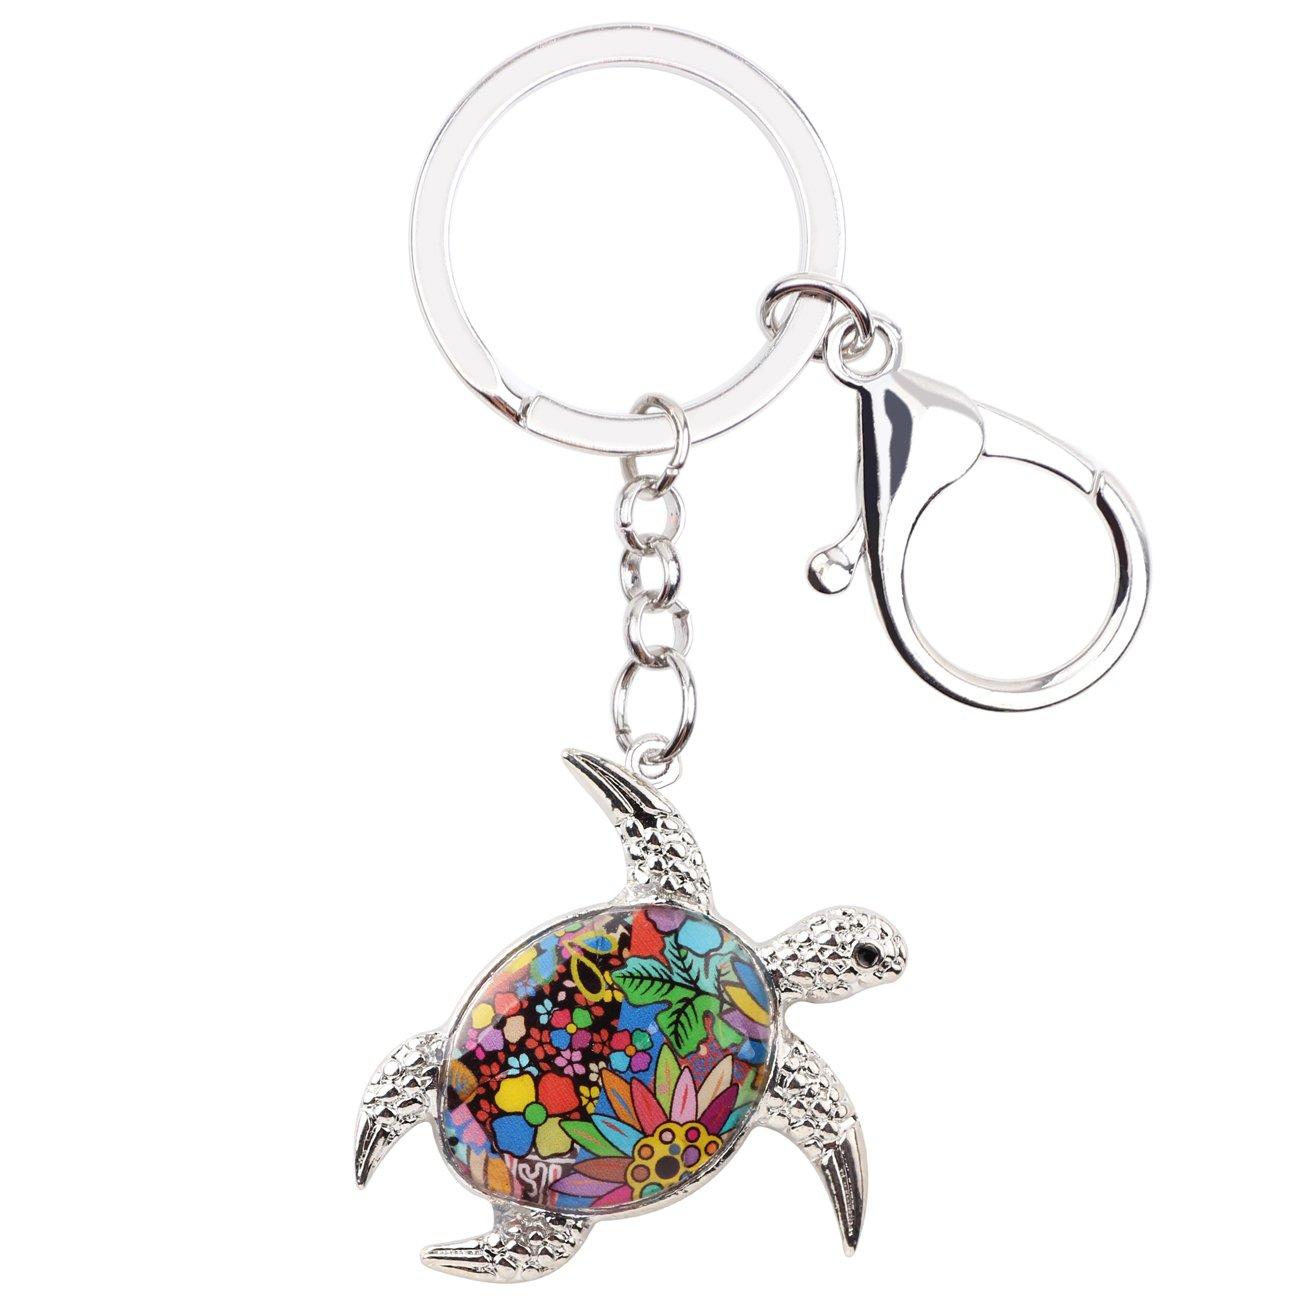 Enamel Metal Turtle Key chains For Women Girls Gifts Car Purse bag Tortoise Pendant Charms BONSNY JEWELRY AK302A